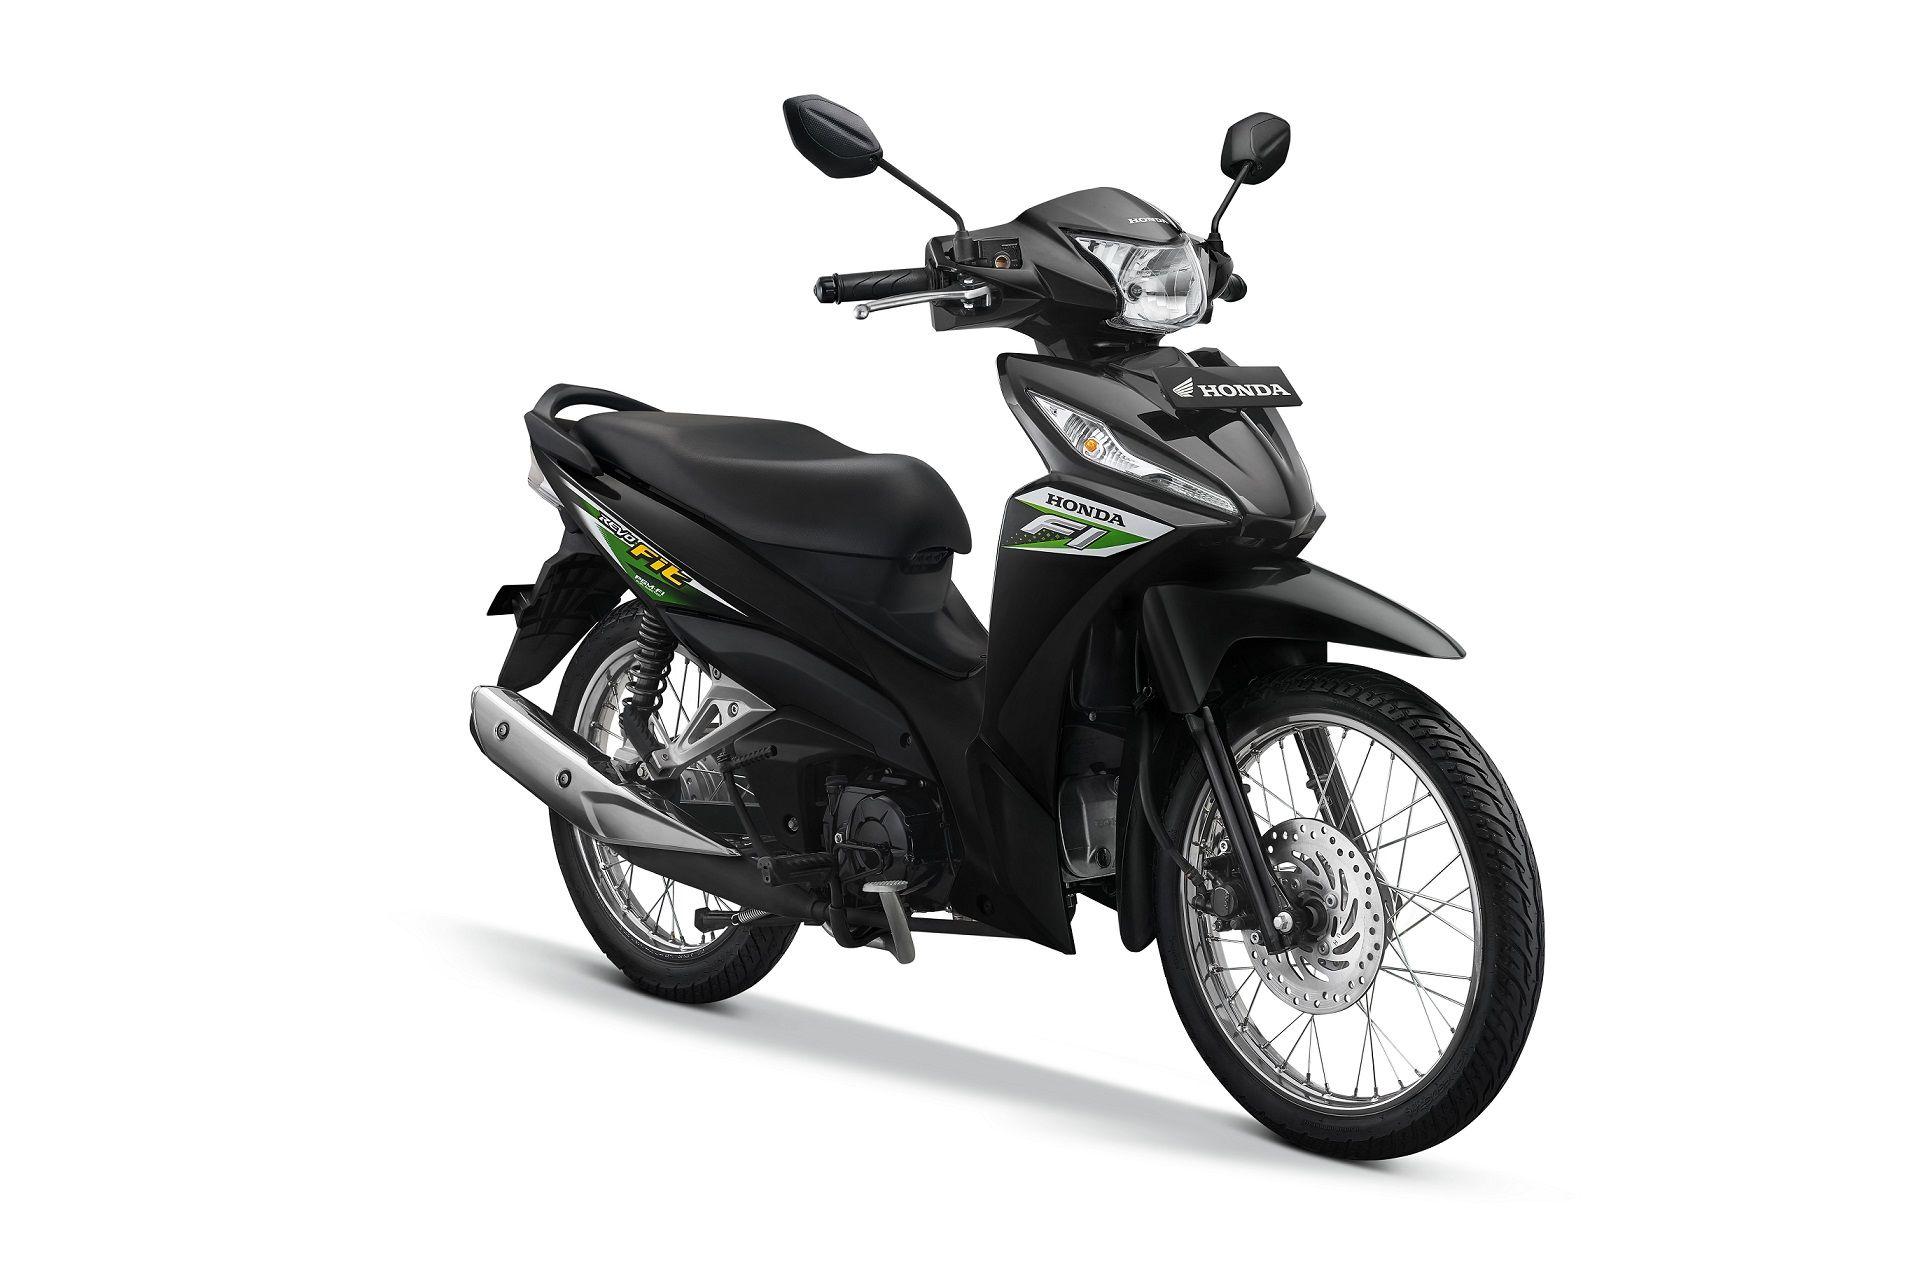 Mantap Honda Revo Series Dapat Penyegaran Warna Dan Striping Baru Segini Harga Terbarunya Motorplus